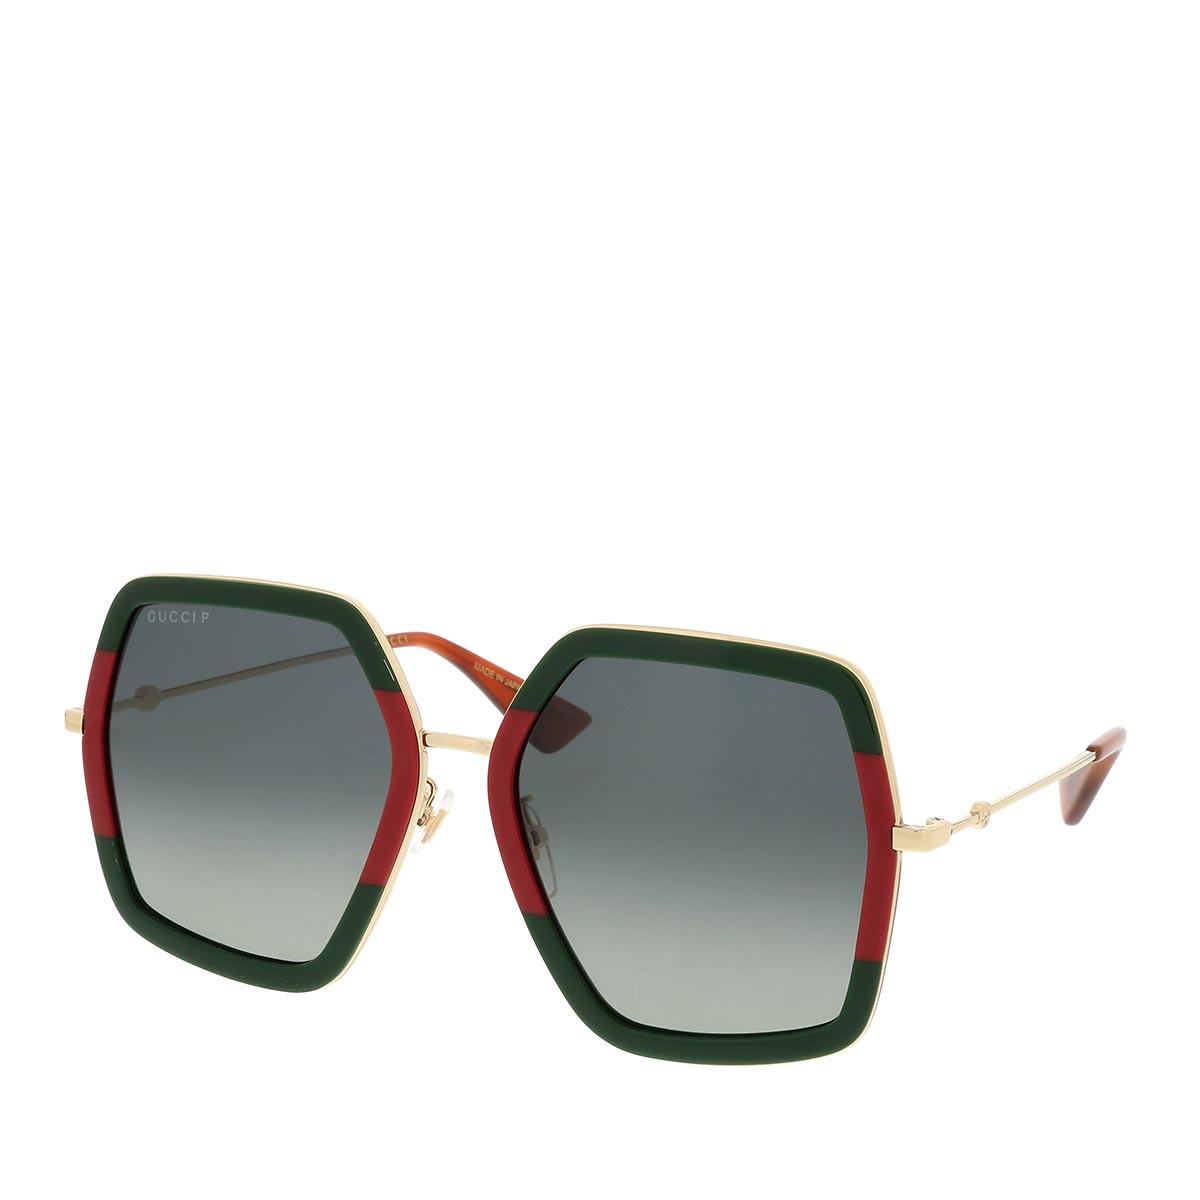 Gucci Sonnenbrille - GG0106S 56 008 - in gold - für Damen